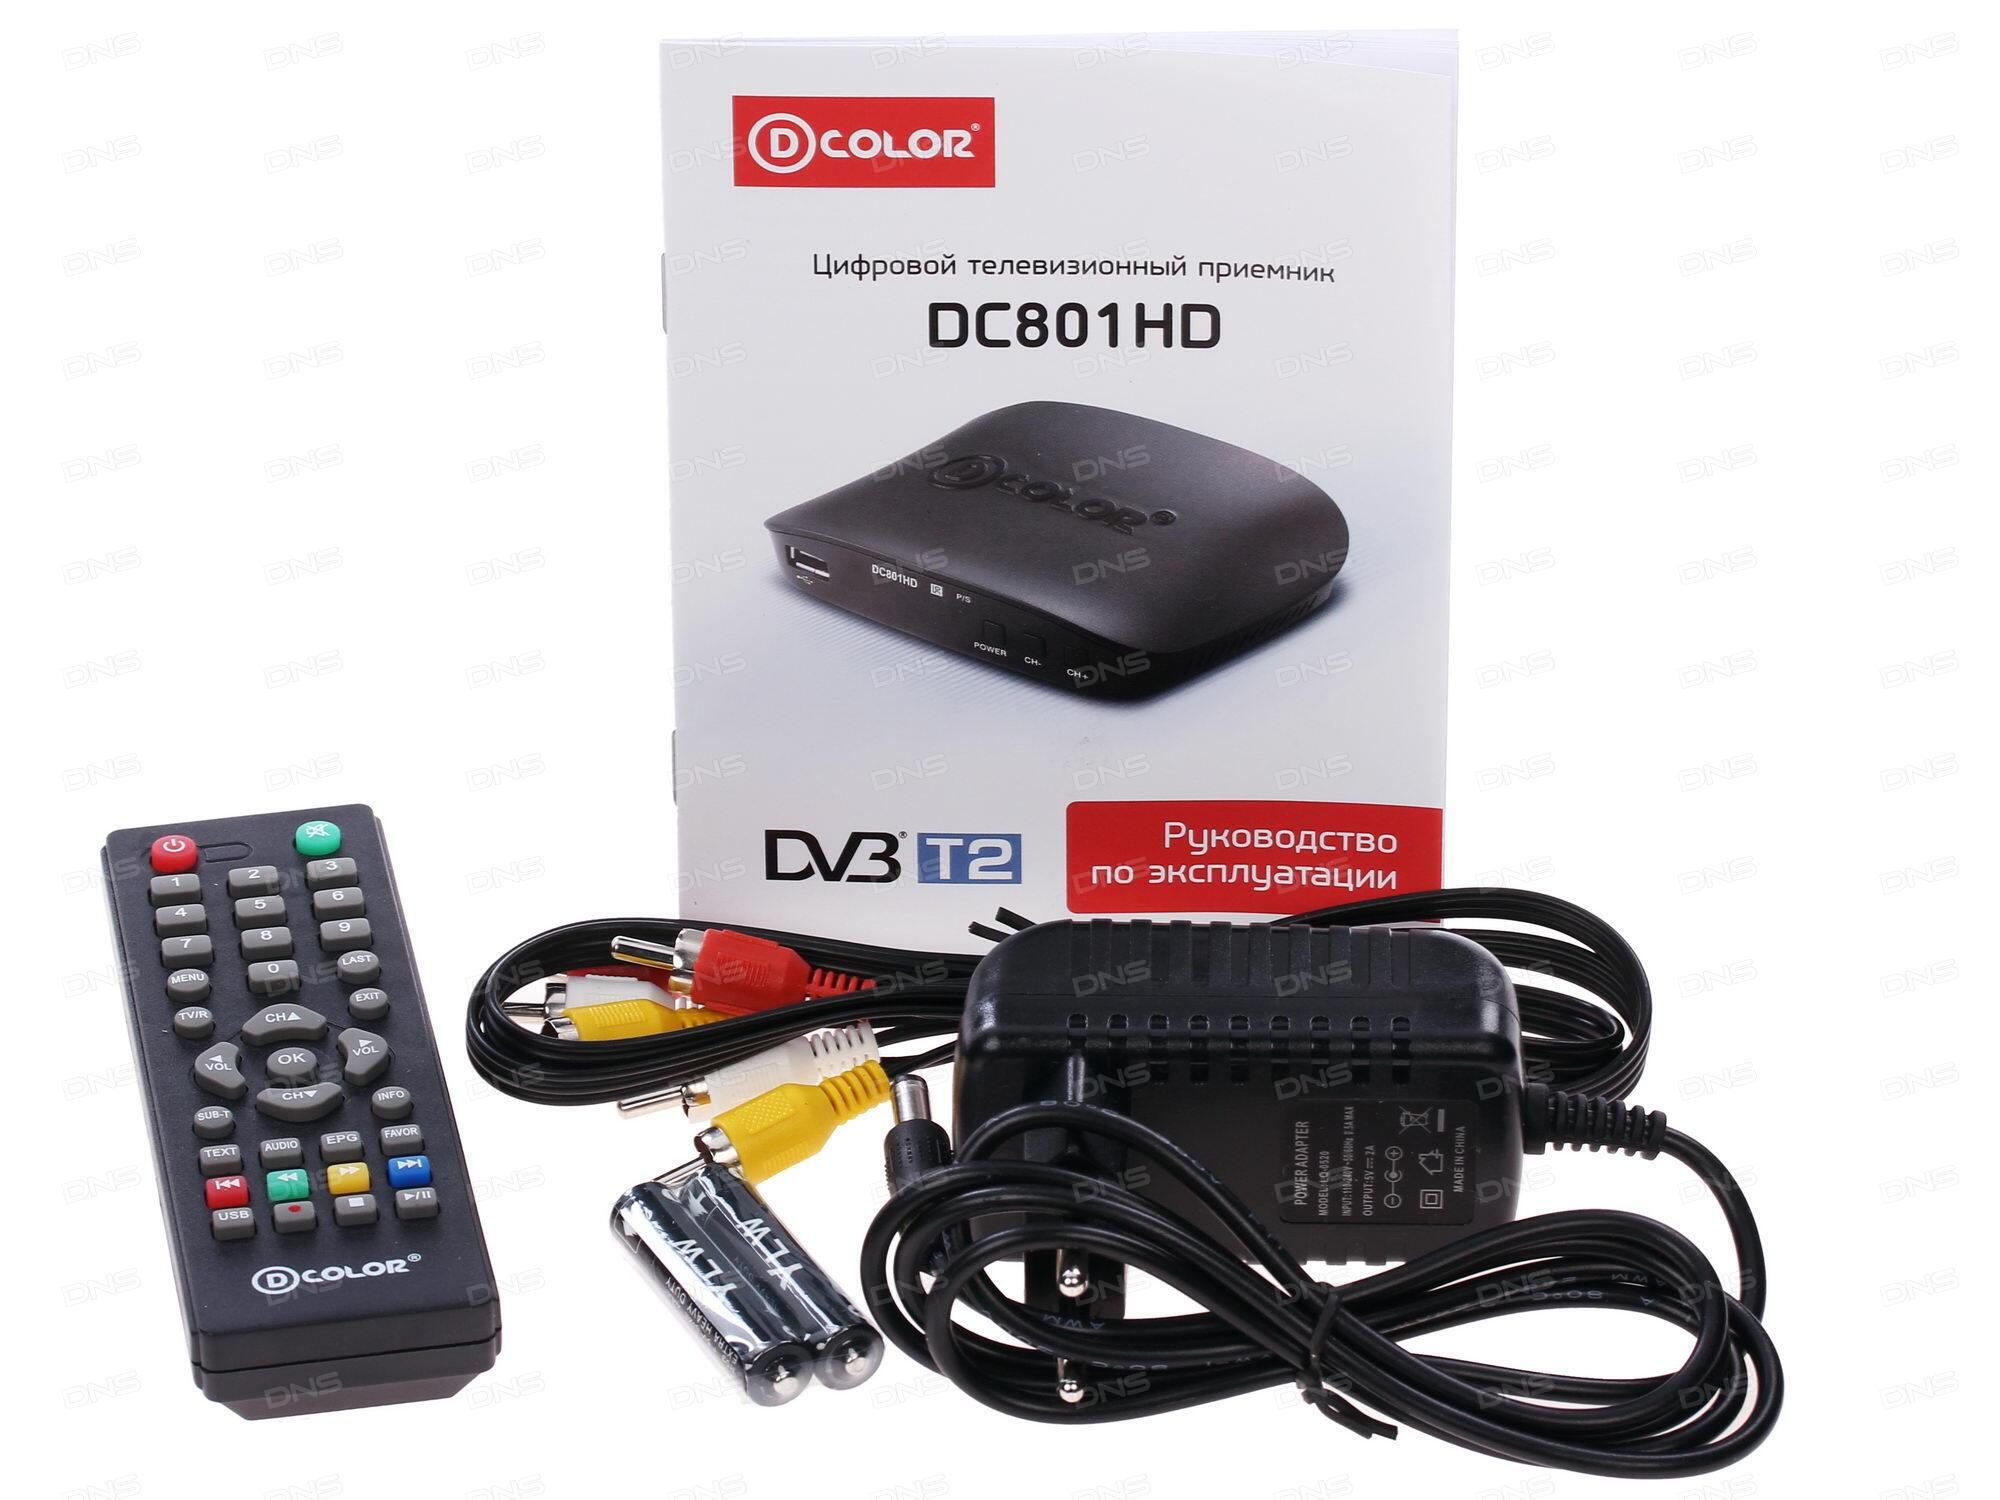 D-Color DVB-T2 DC801HD Black